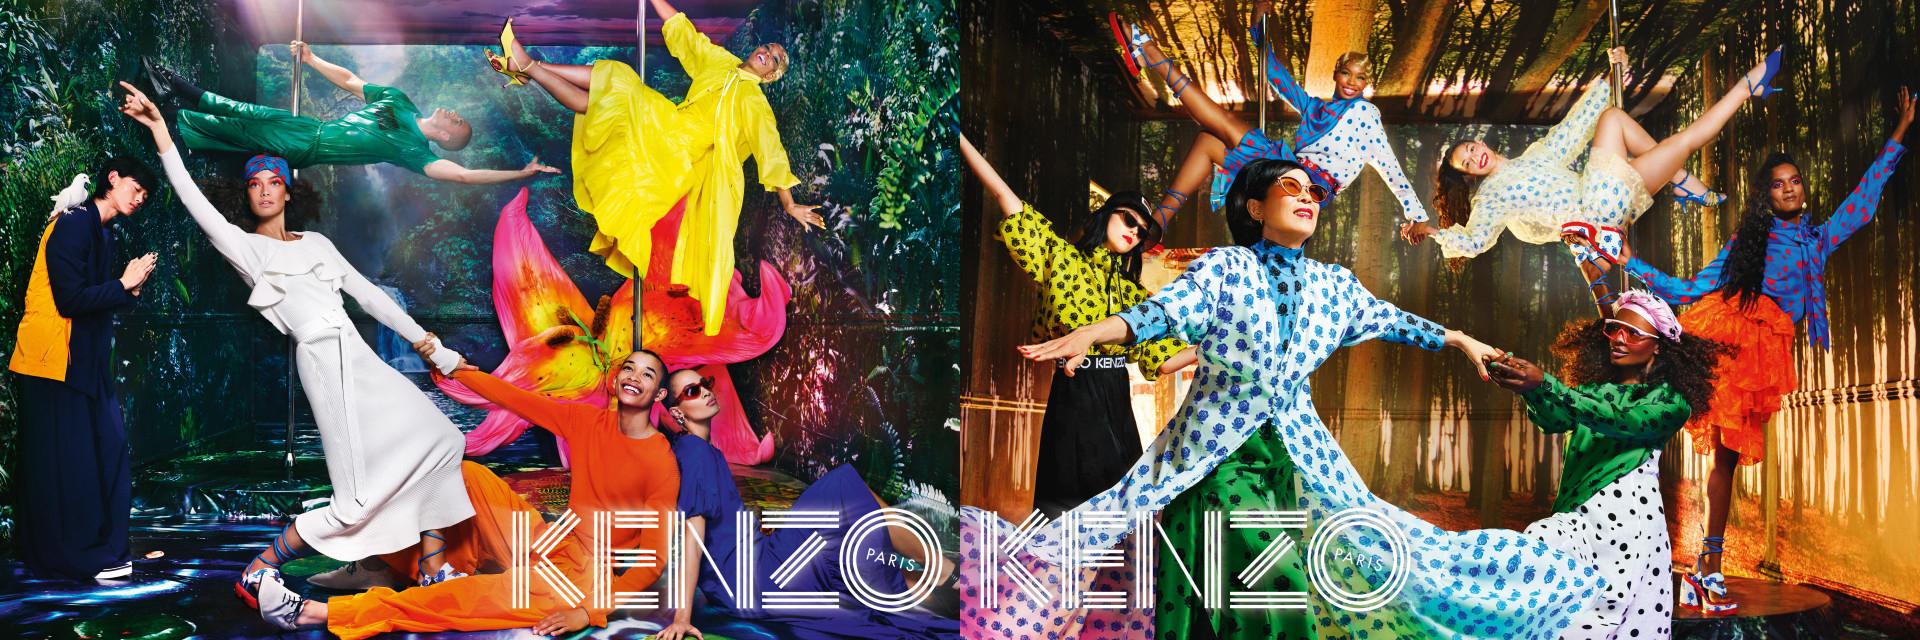 一出現就要鎖定你的目光!今年夏天就跟著 KENZO 一起,玩轉圖騰色彩!